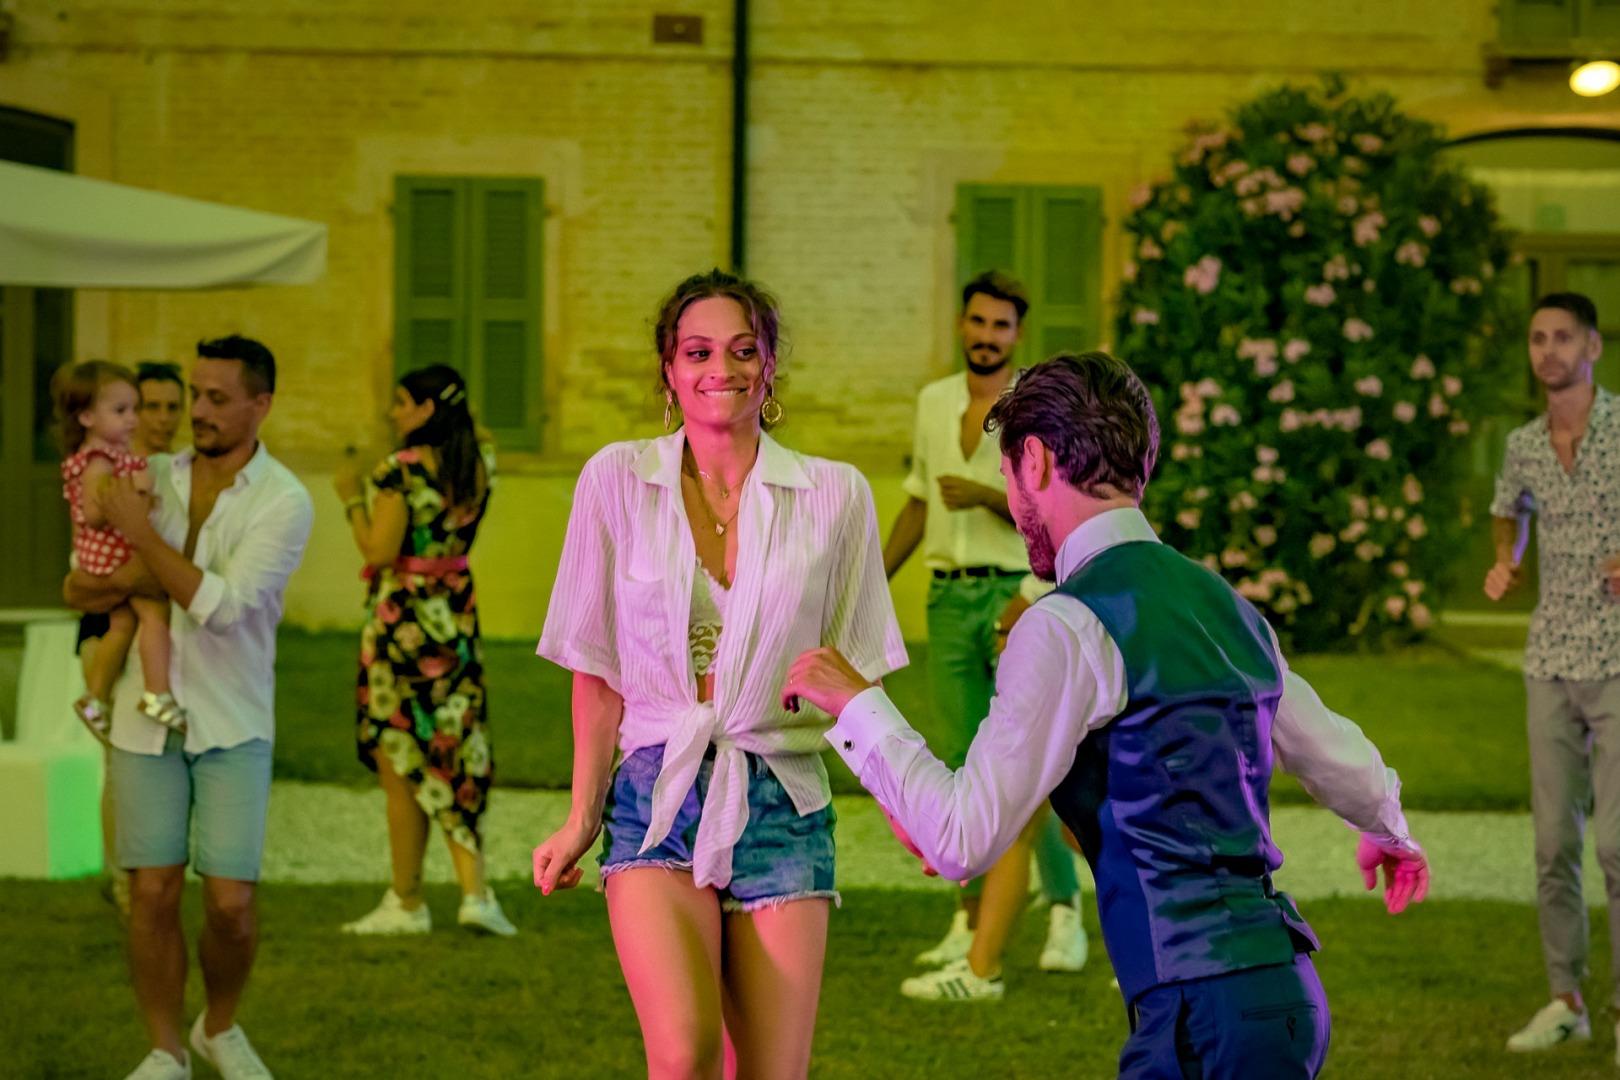 nicola-da-lio-wedding-photographer-venezia-treviso-padova-veneto-italia-154